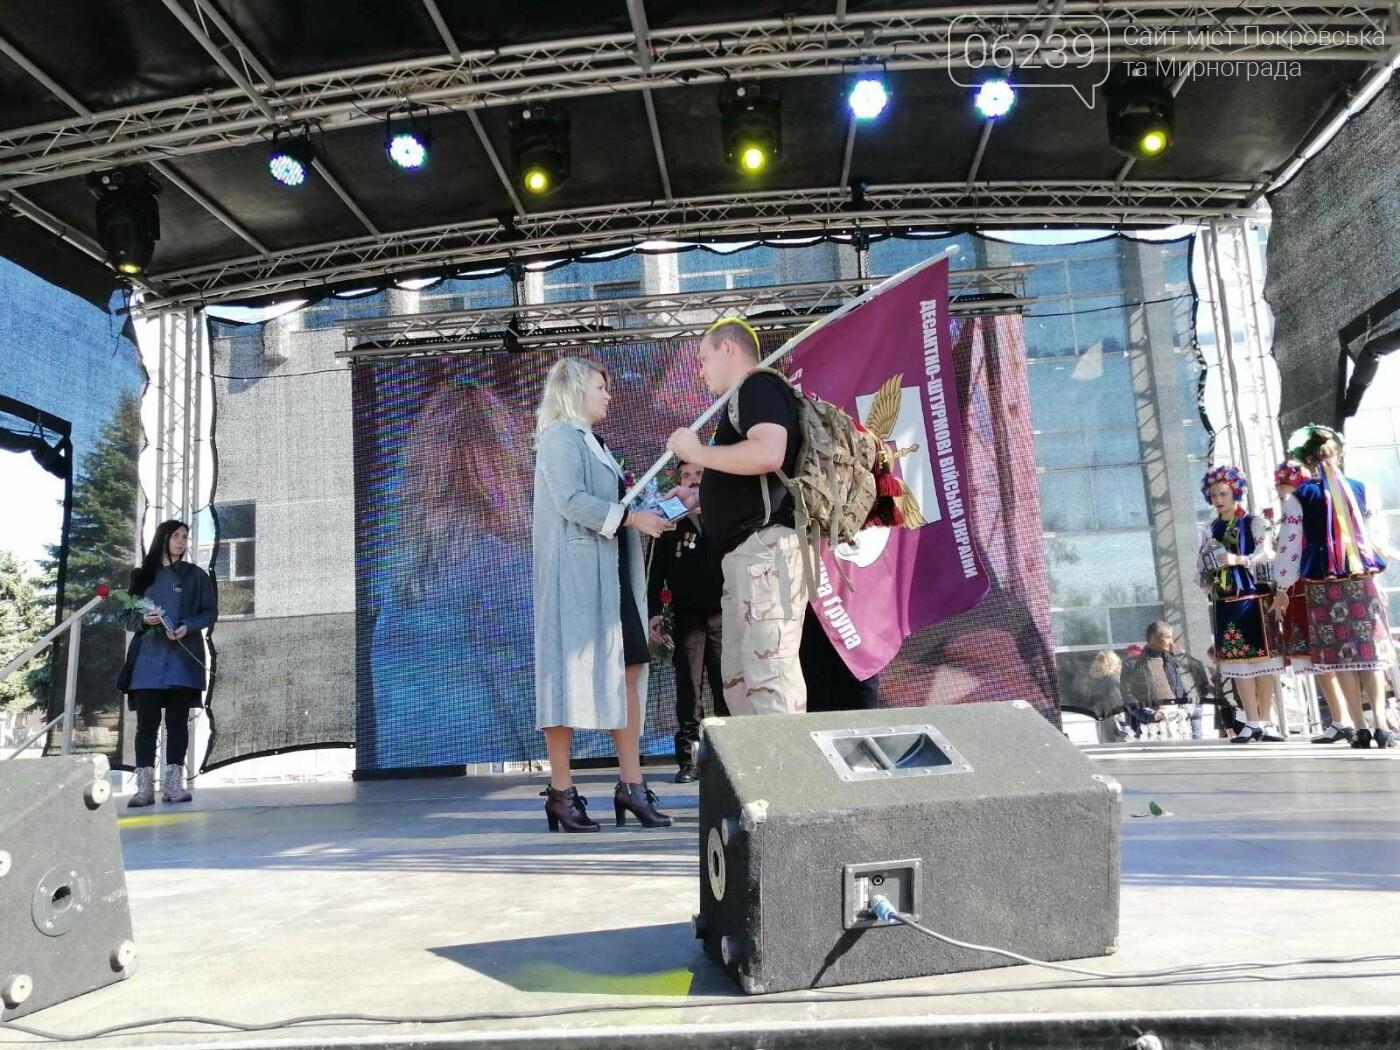 Святкова программа на честь святкування Дня захисника триває у Покровську, фото-1